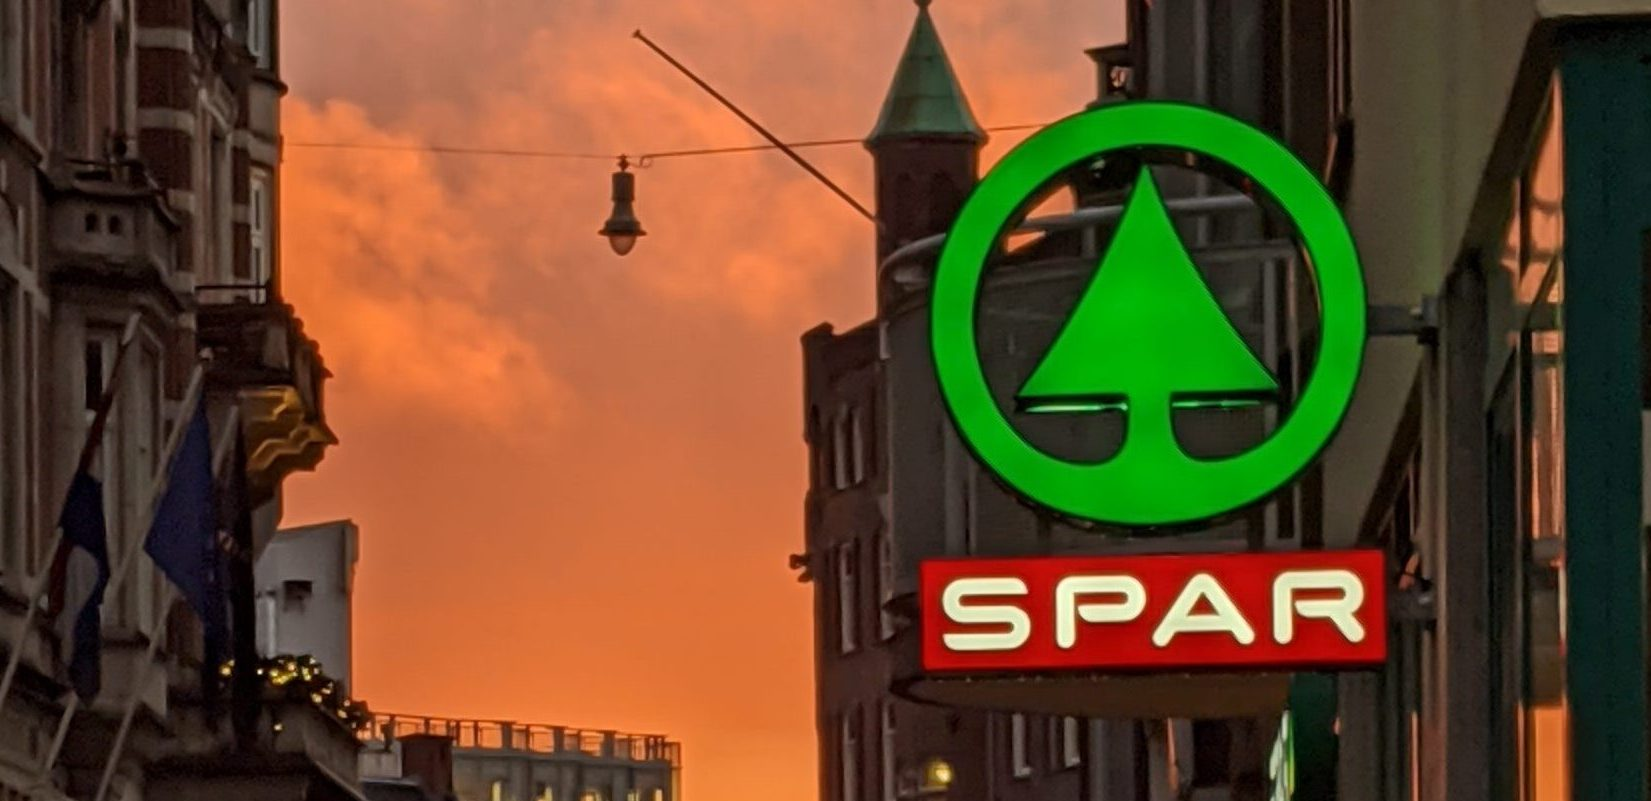 De Spar City in de Nieuwe Doelenstraat. Foto: Jan Daalder